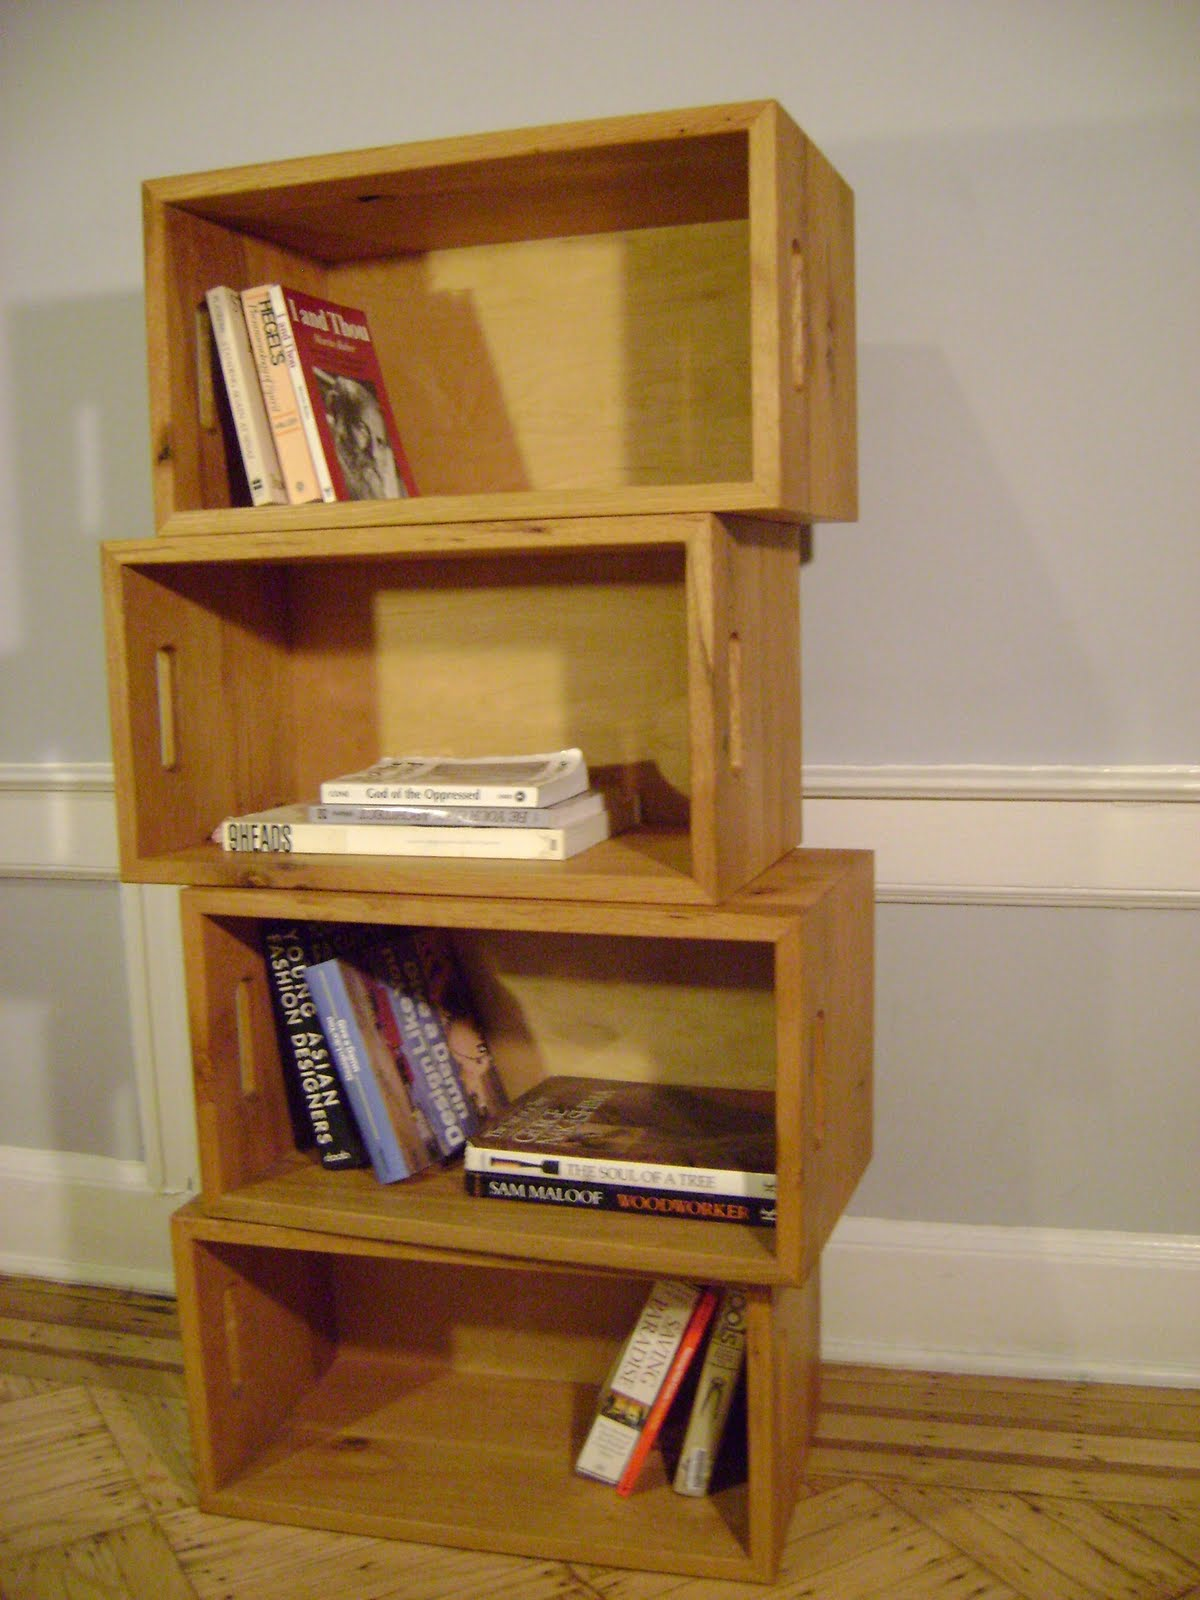 Milk Crate  As Book Shelf.